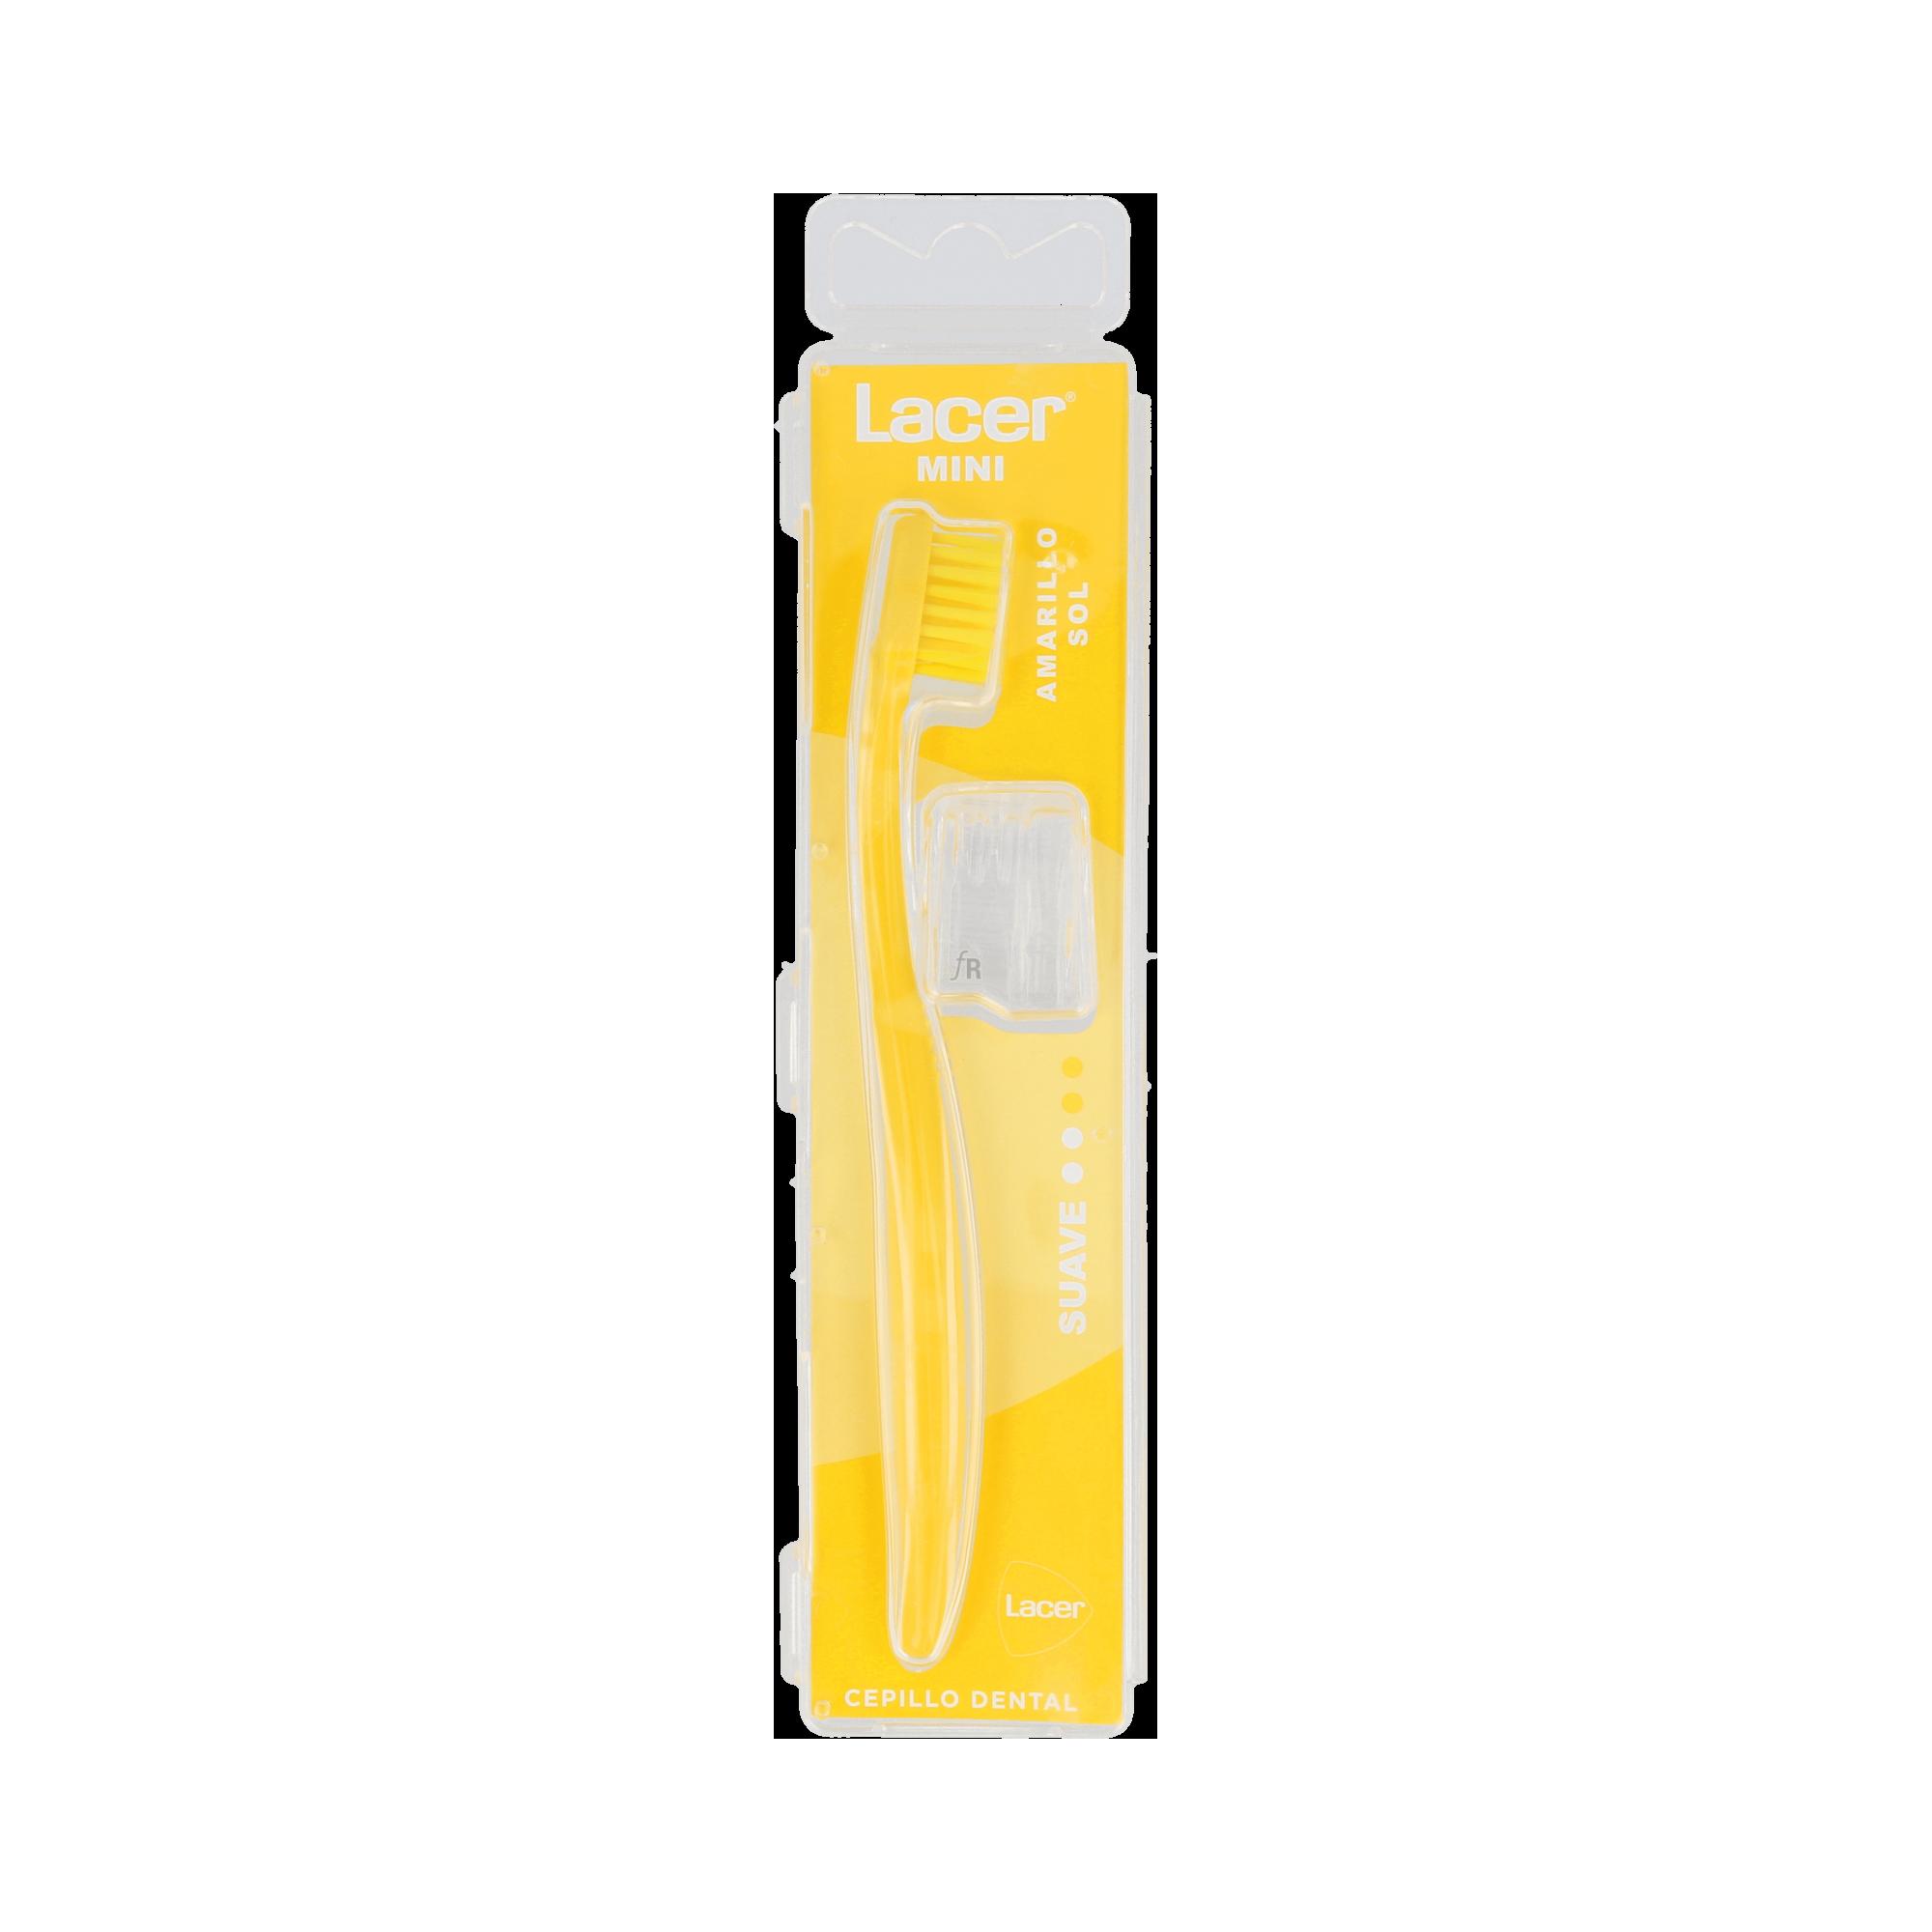 Cepillo Dental Lacer Blister Mini Suave